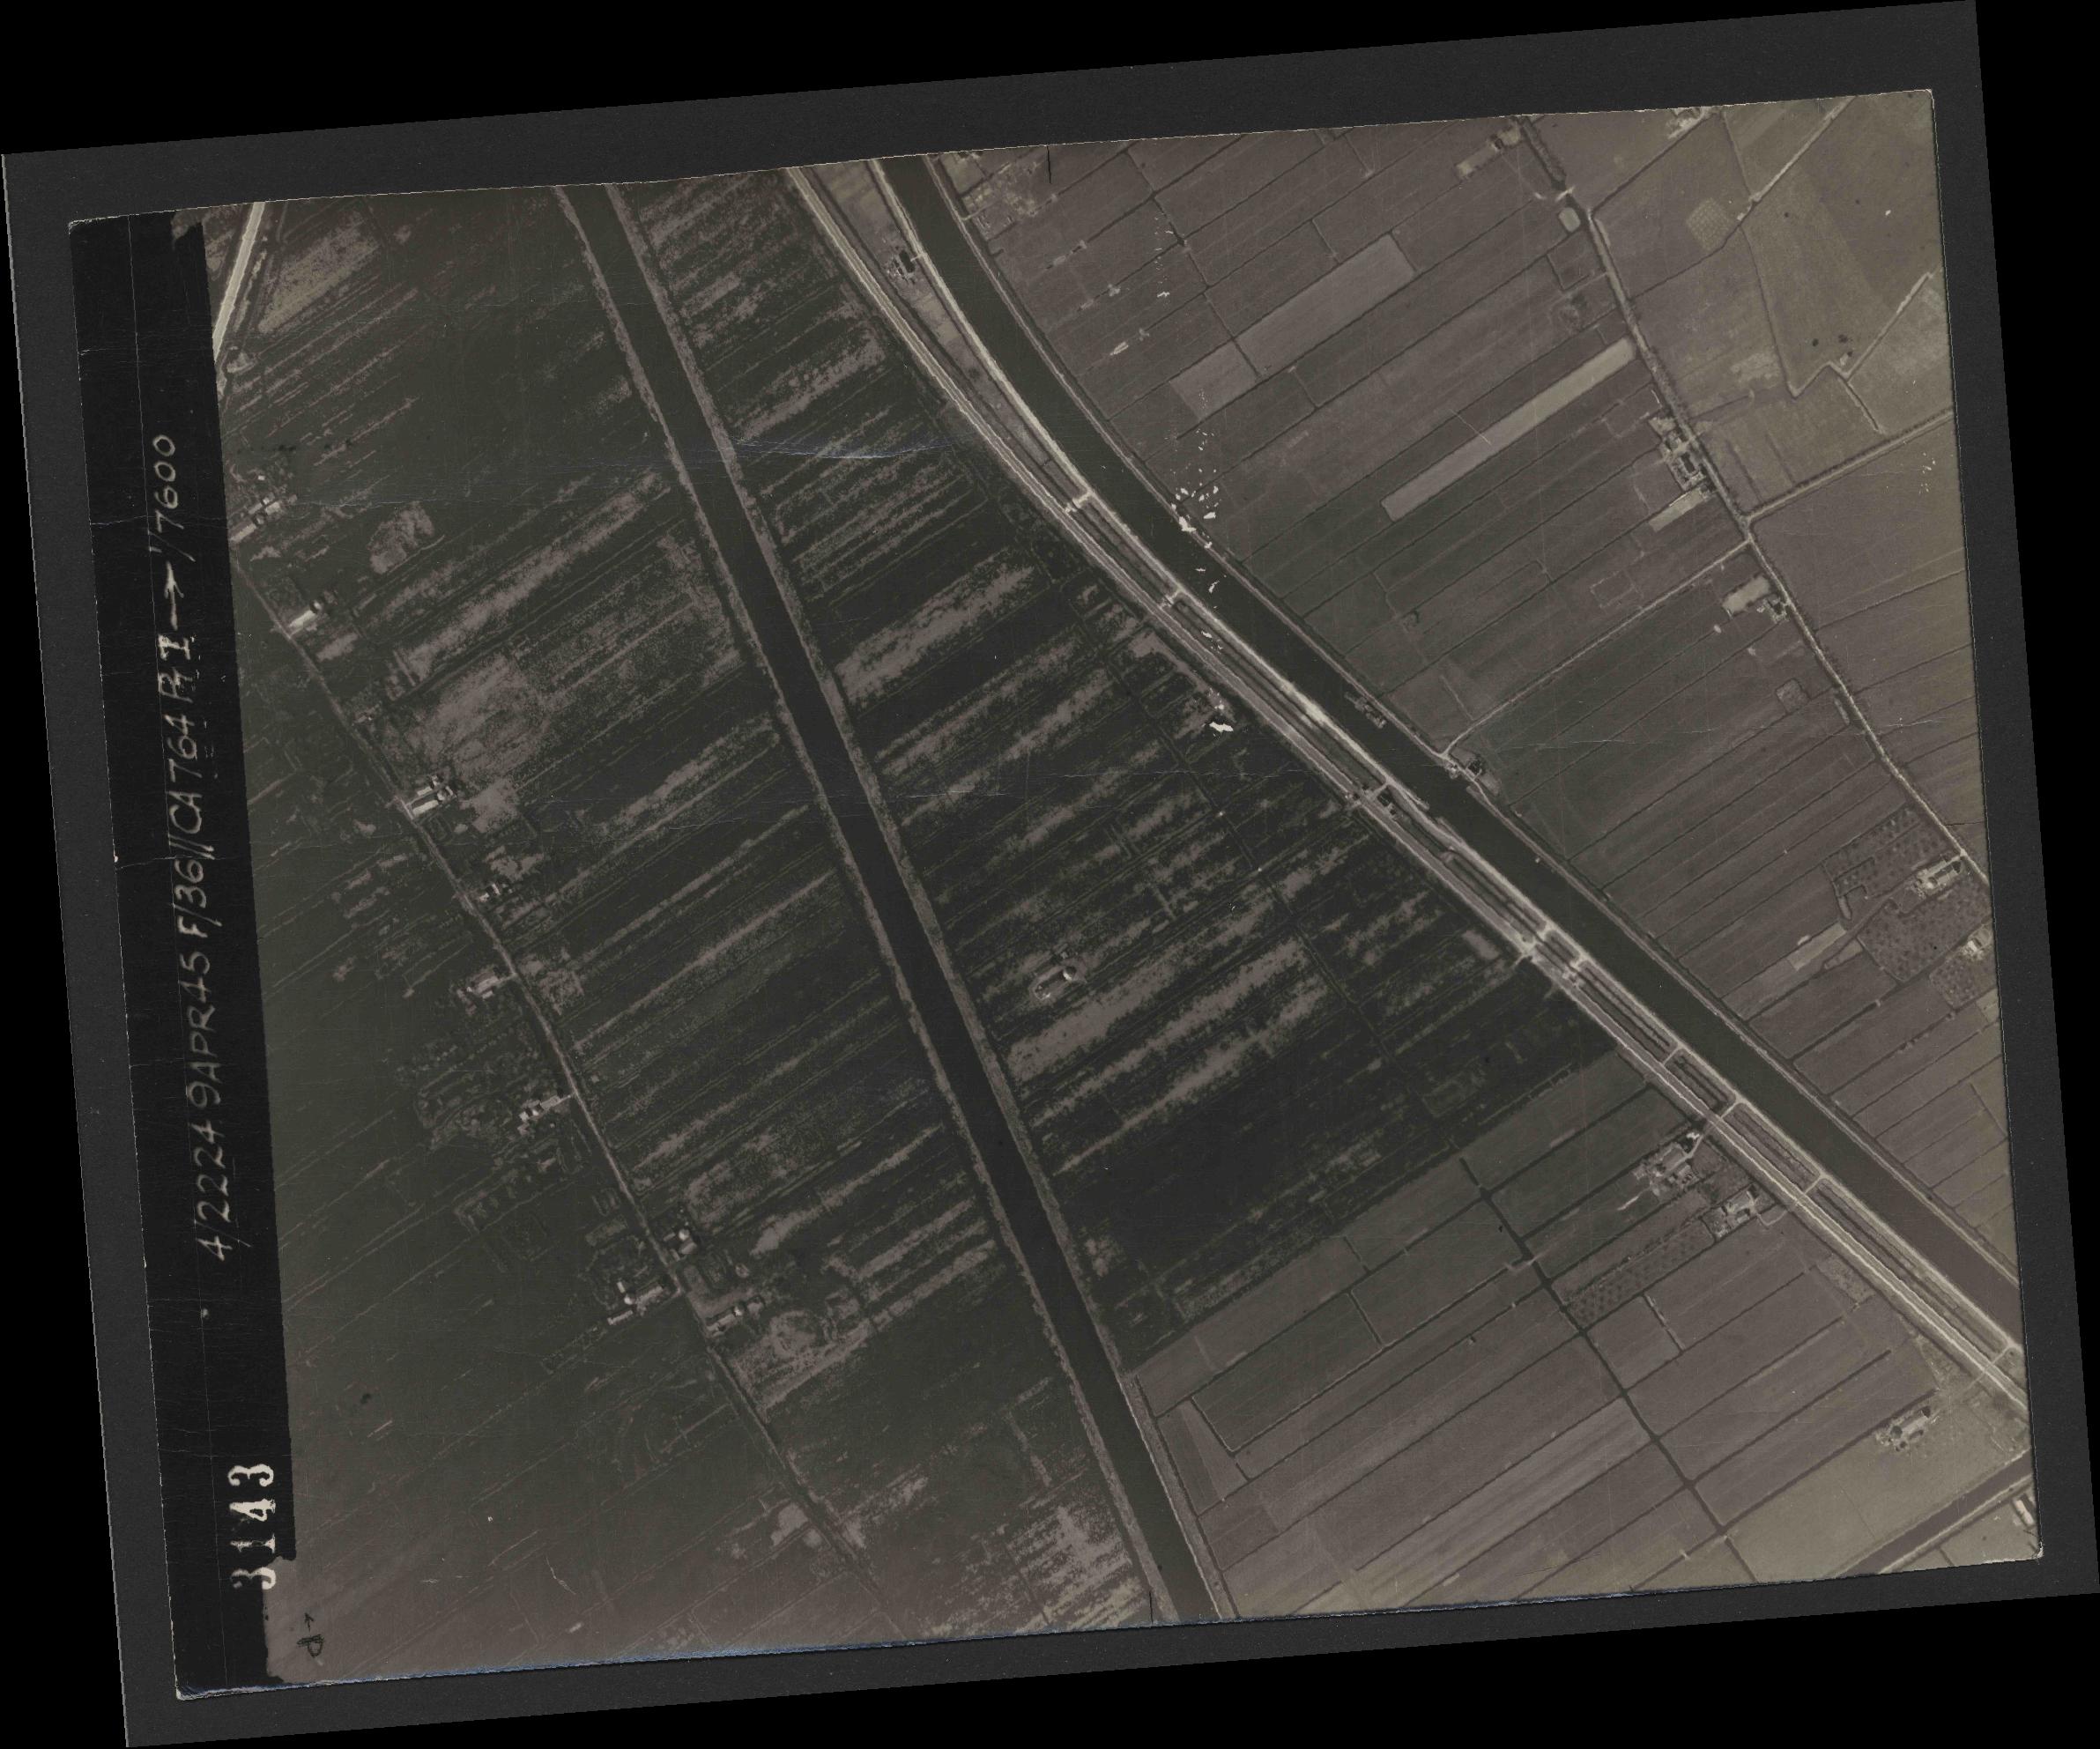 Collection RAF aerial photos 1940-1945 - flight 271, run 11, photo 3143